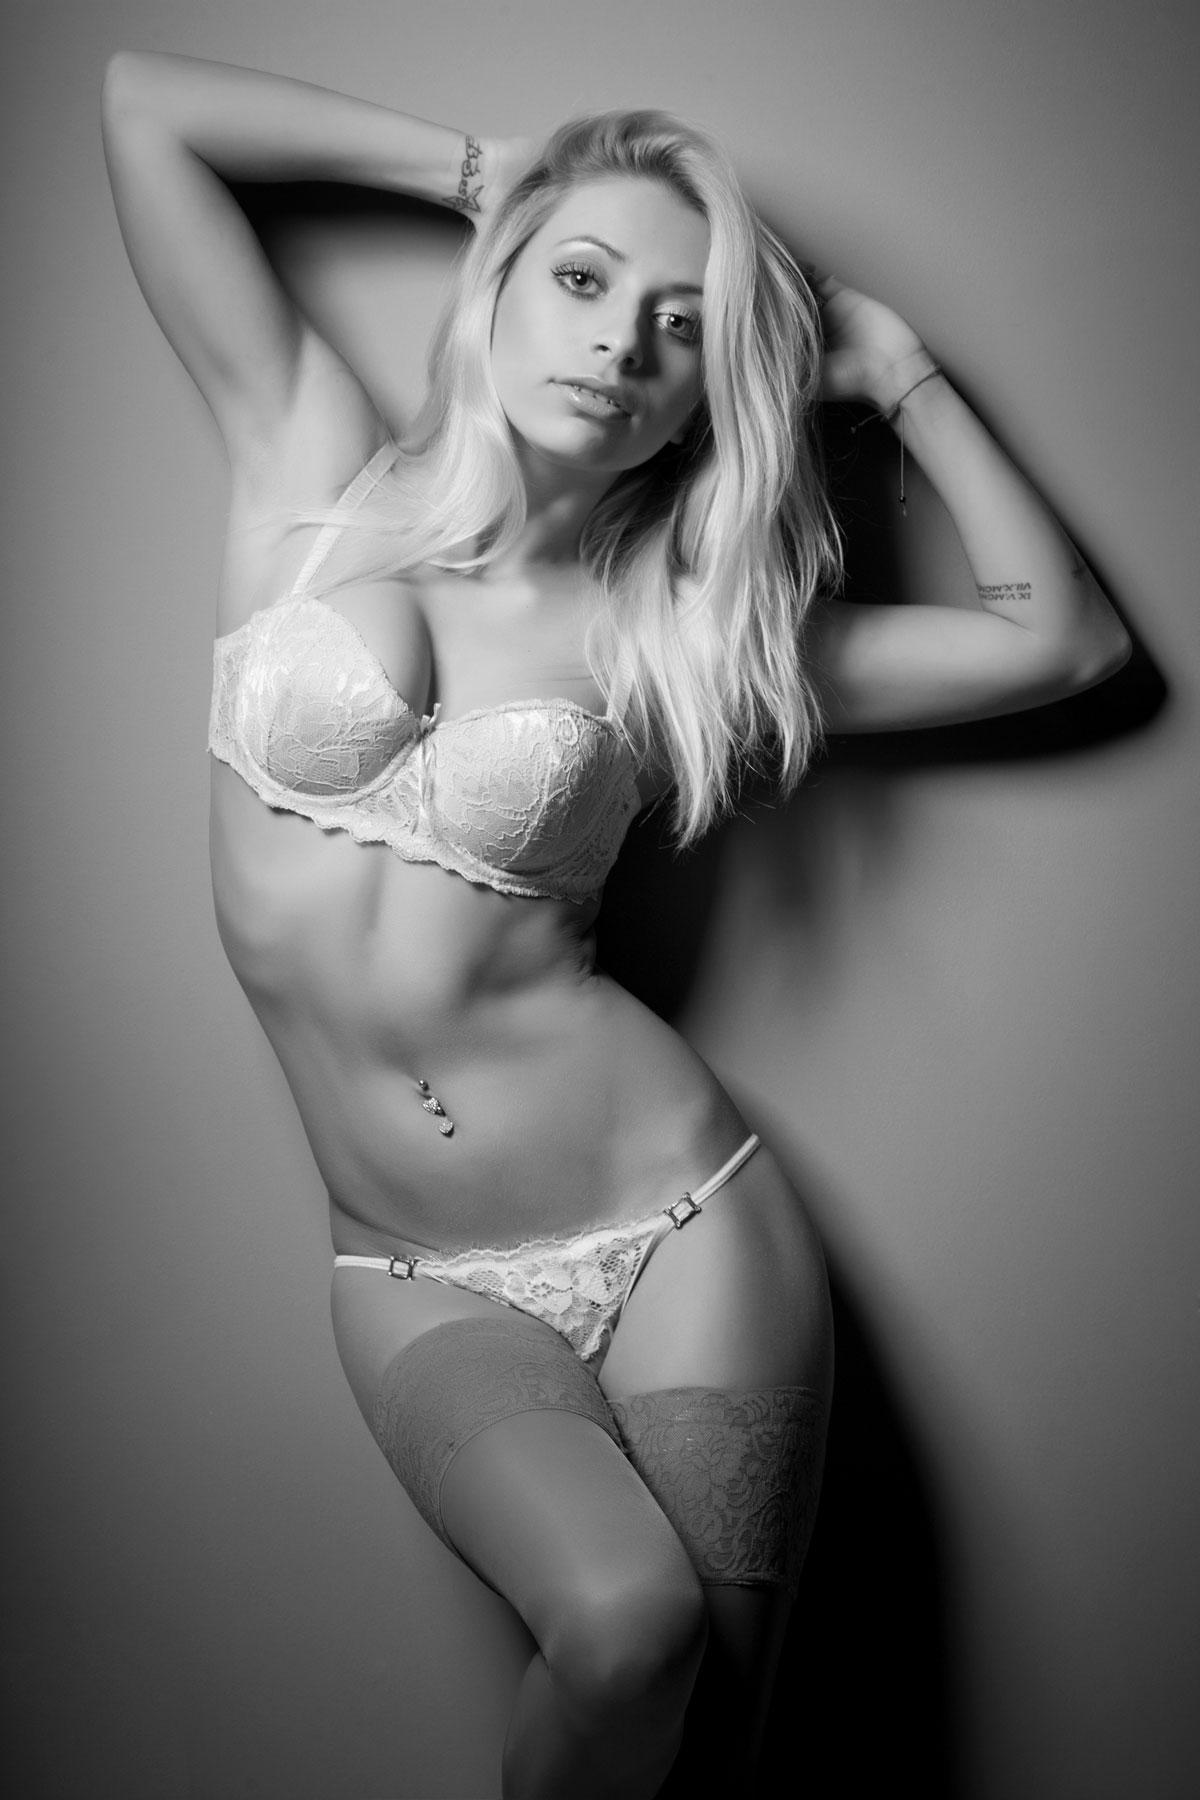 Blondine in Schwarz/Weiß